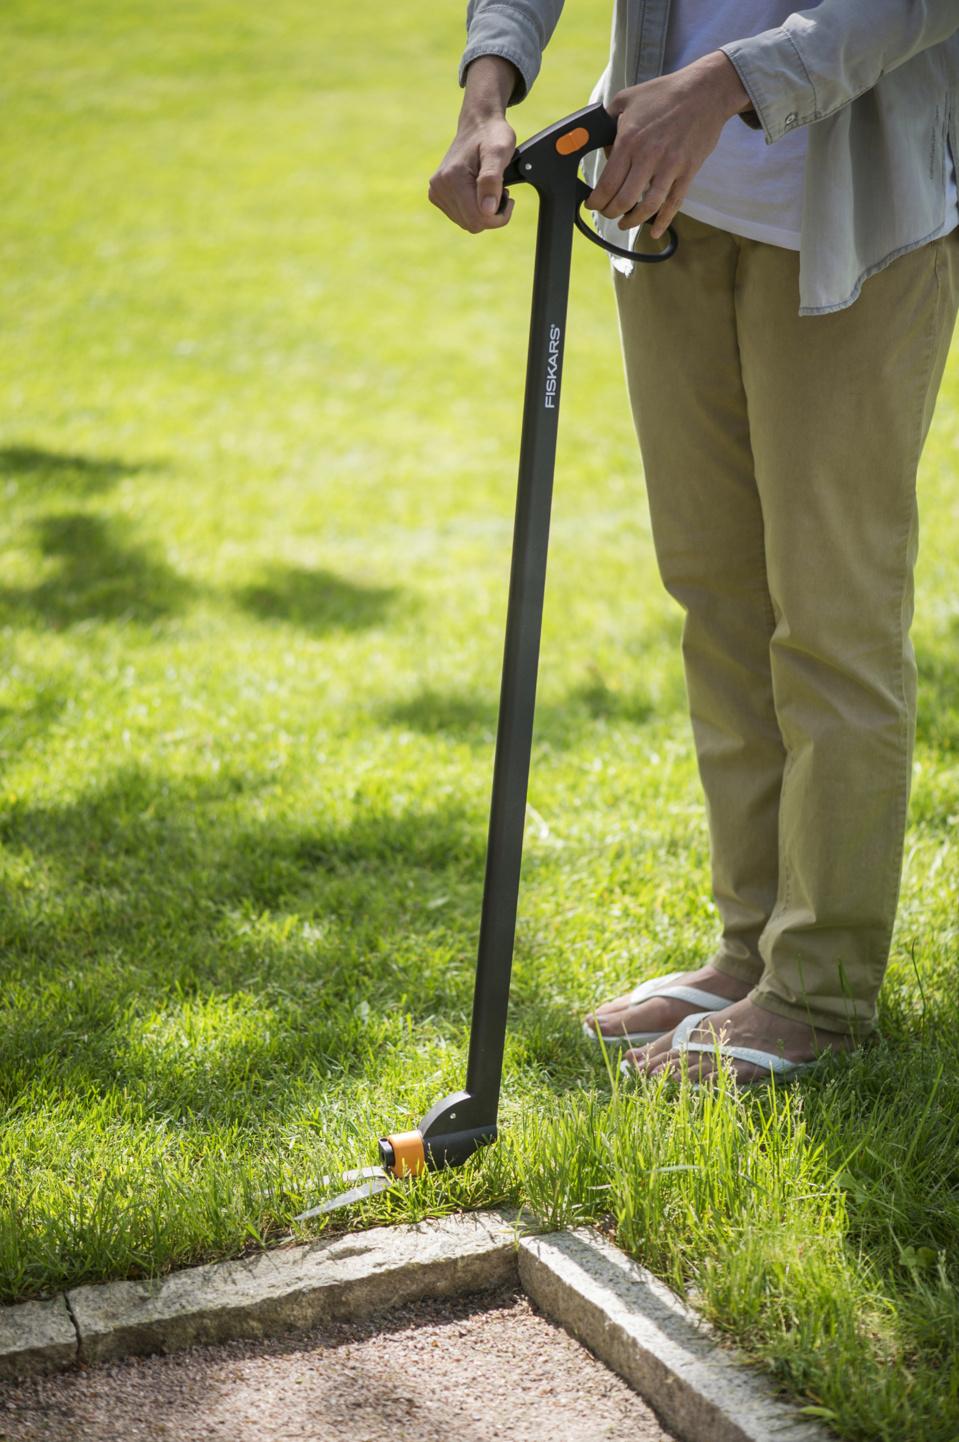 Tondeuse hélicoïdale et cisailles à gazon - Les solutions Fiskars pour une pelouse plus verte et des finitions impeccables